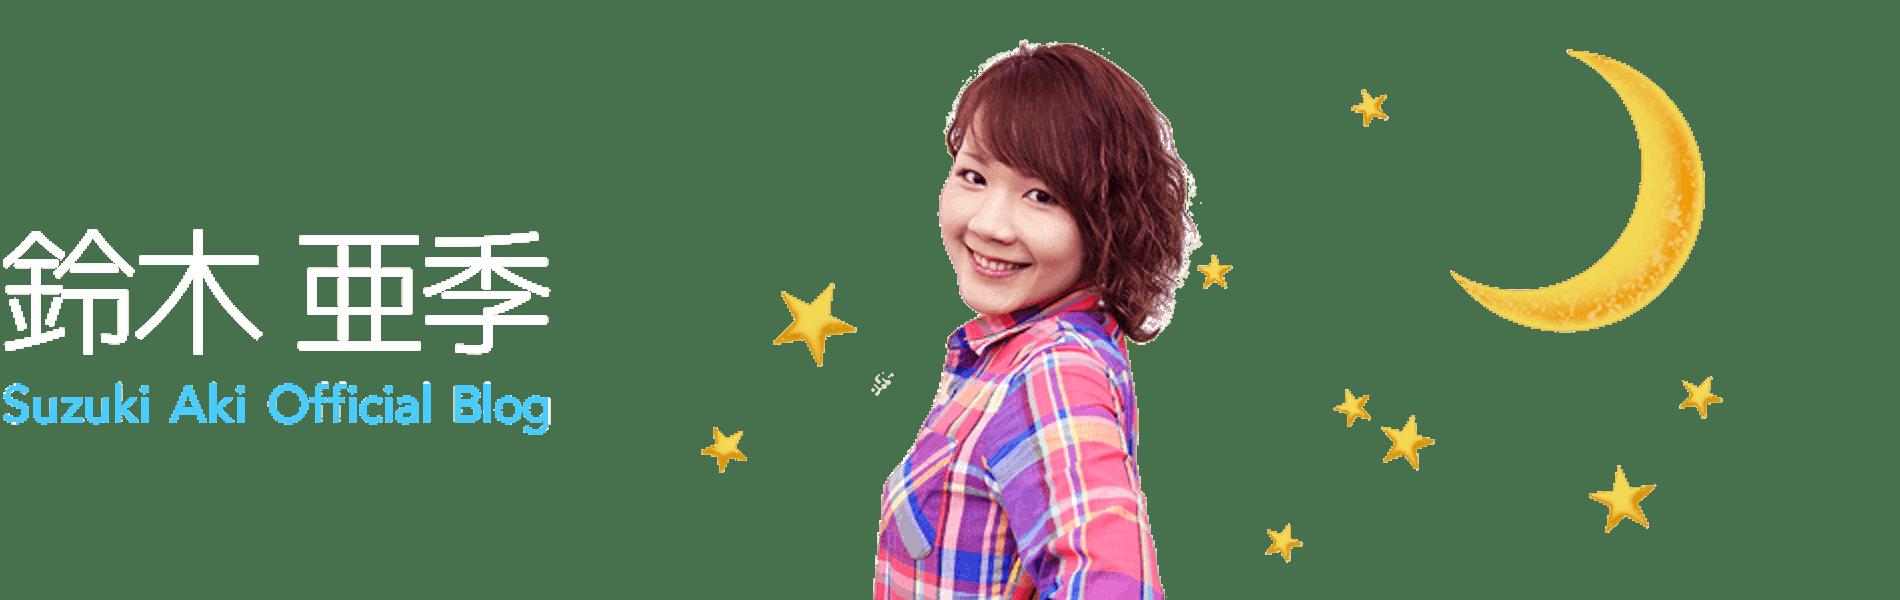 鈴木亜季 オフィシャルブログ